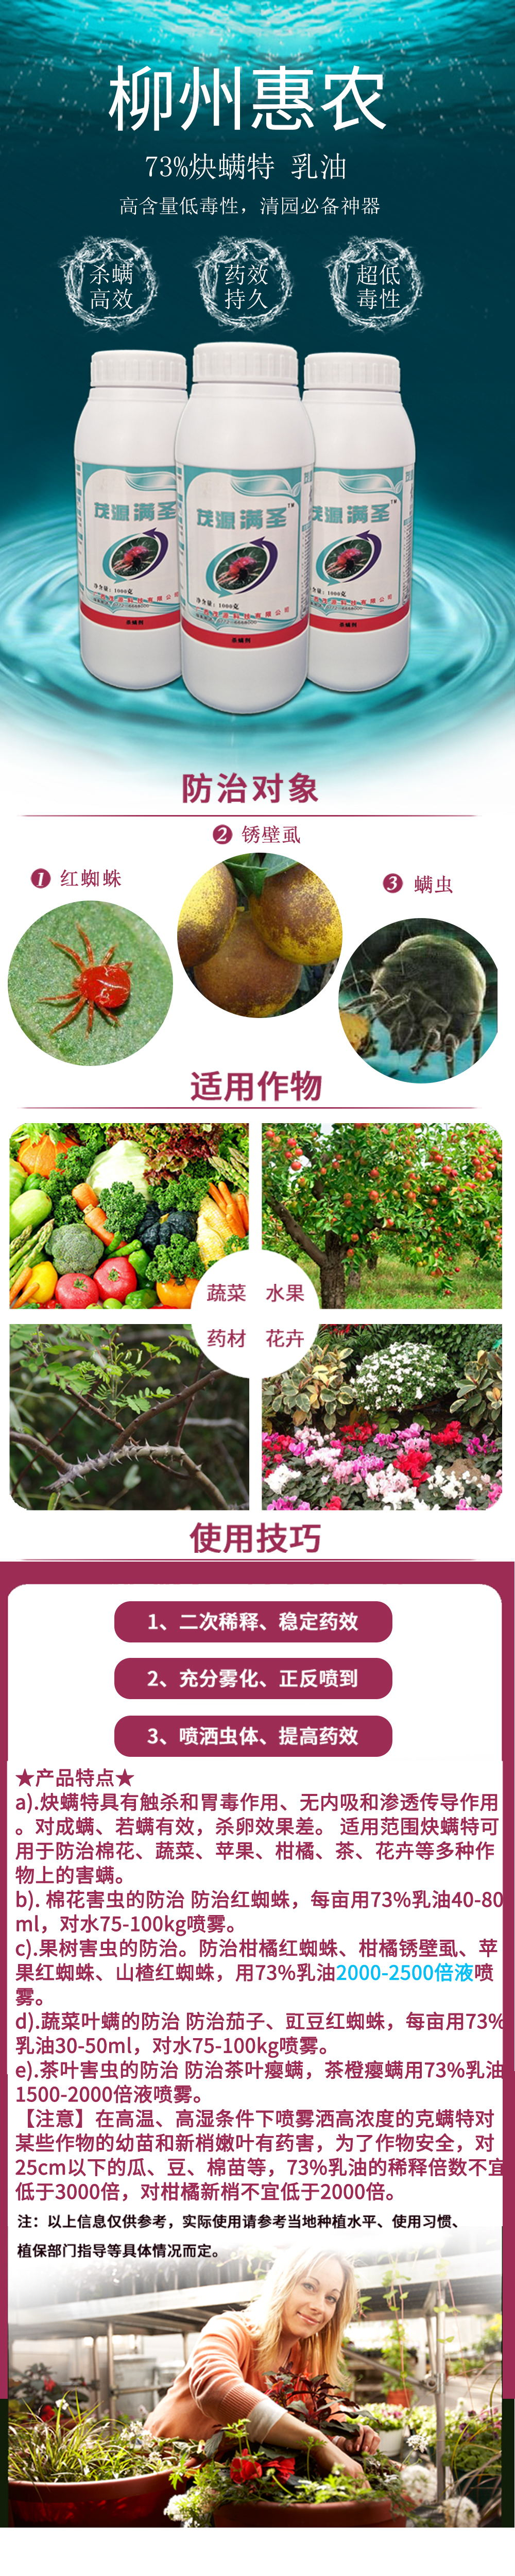 柳州惠农-73%炔螨特_看图王.jpg